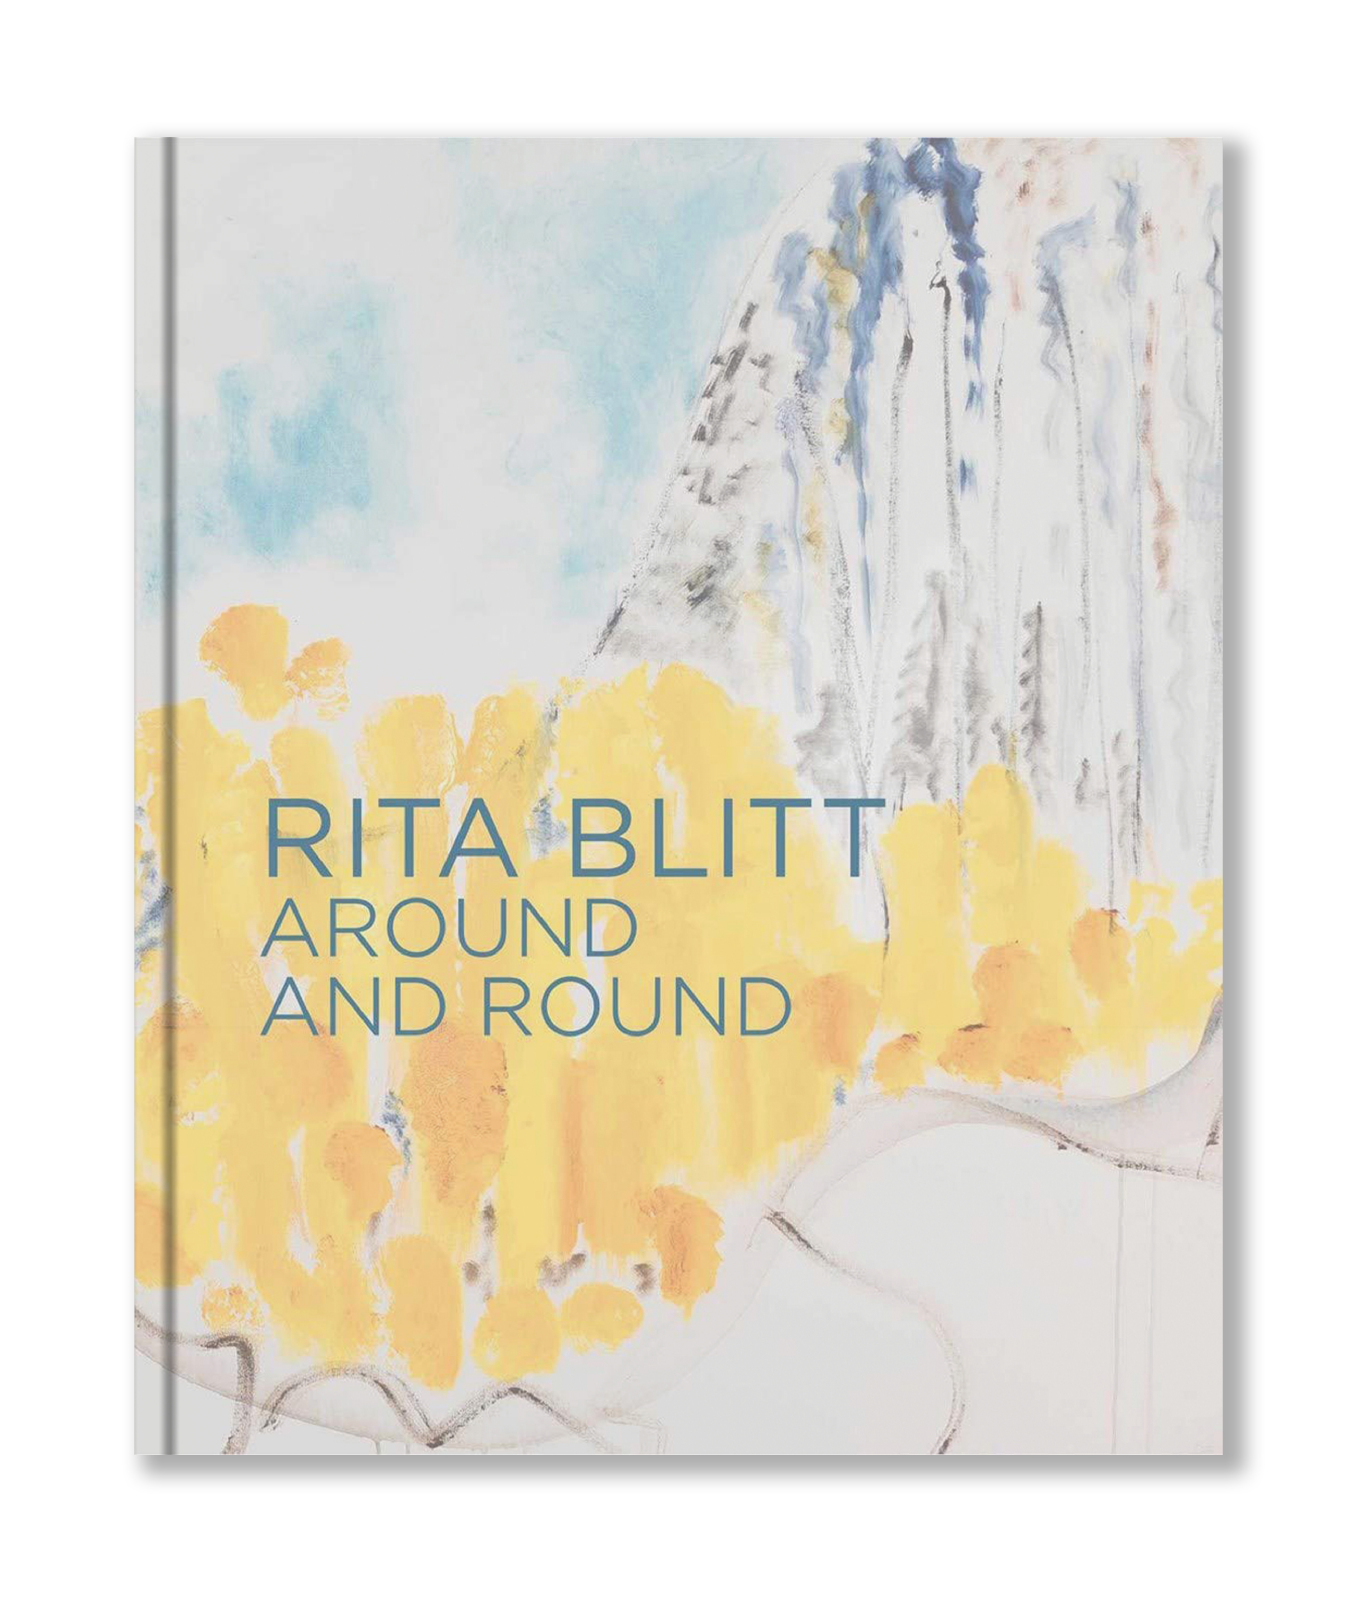 Rita Blitt: Around and Round